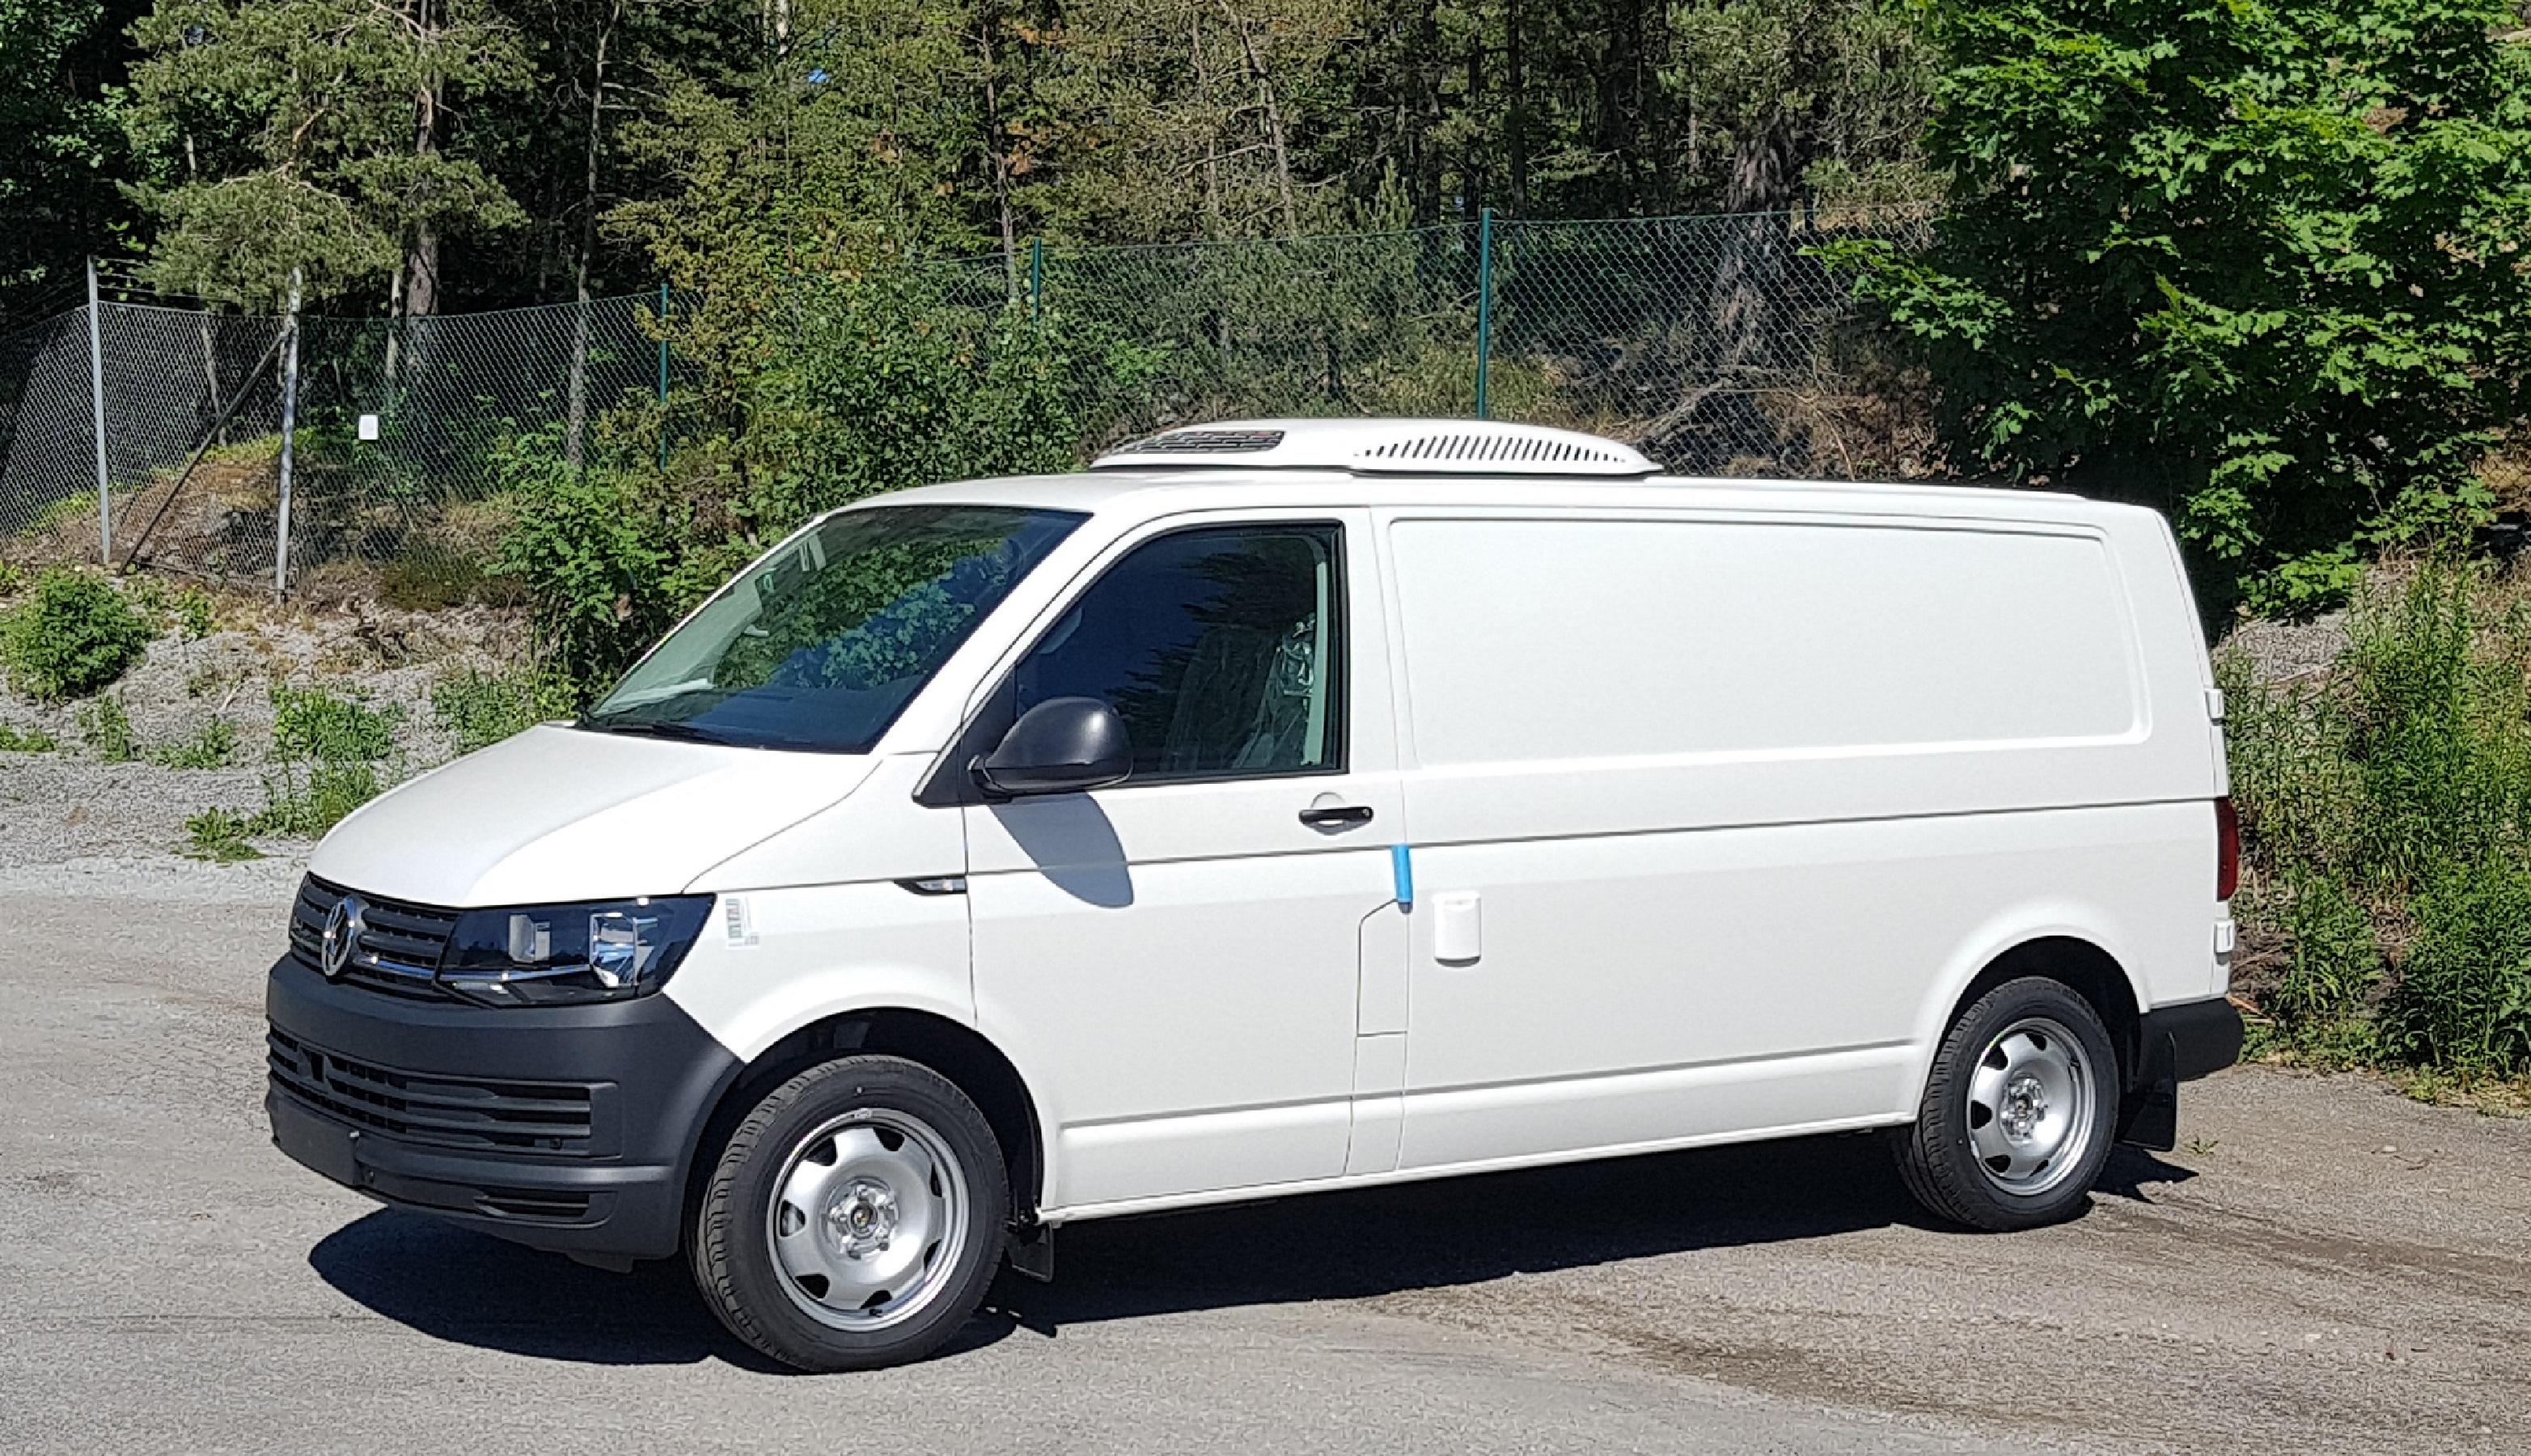 Kylinredningar i transportbilar